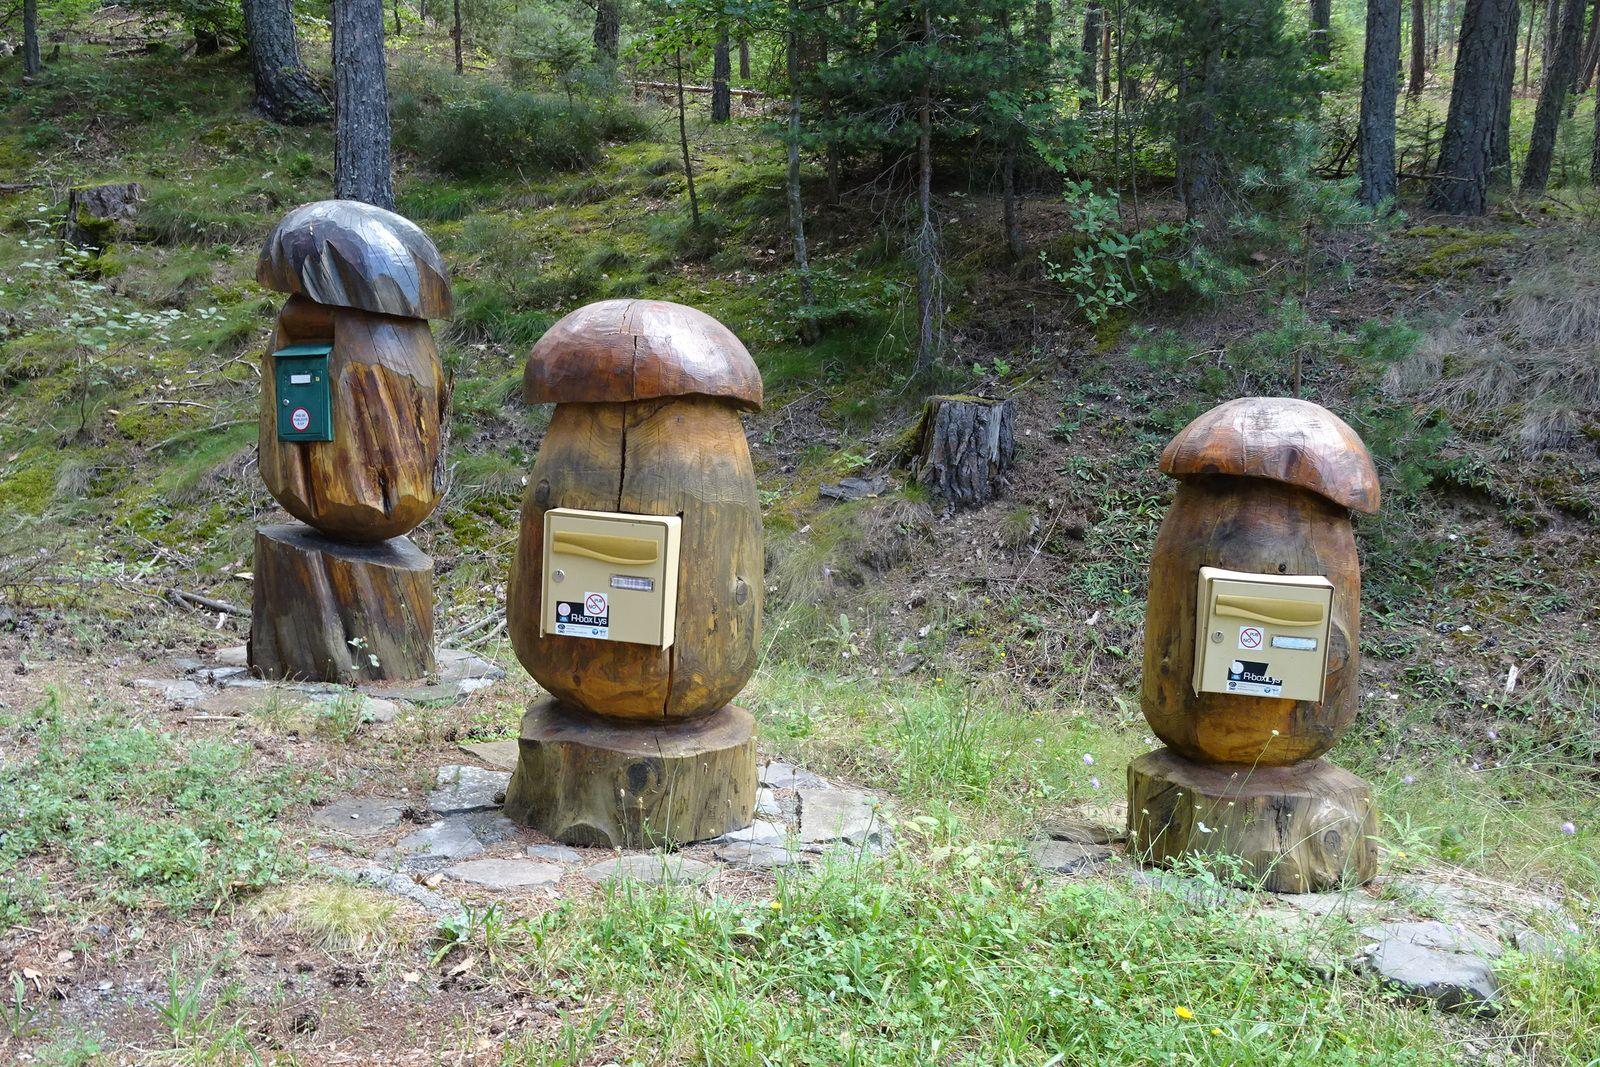 Étranges champignons ou étranges boites aux lettres ? En tous cas c'est original.